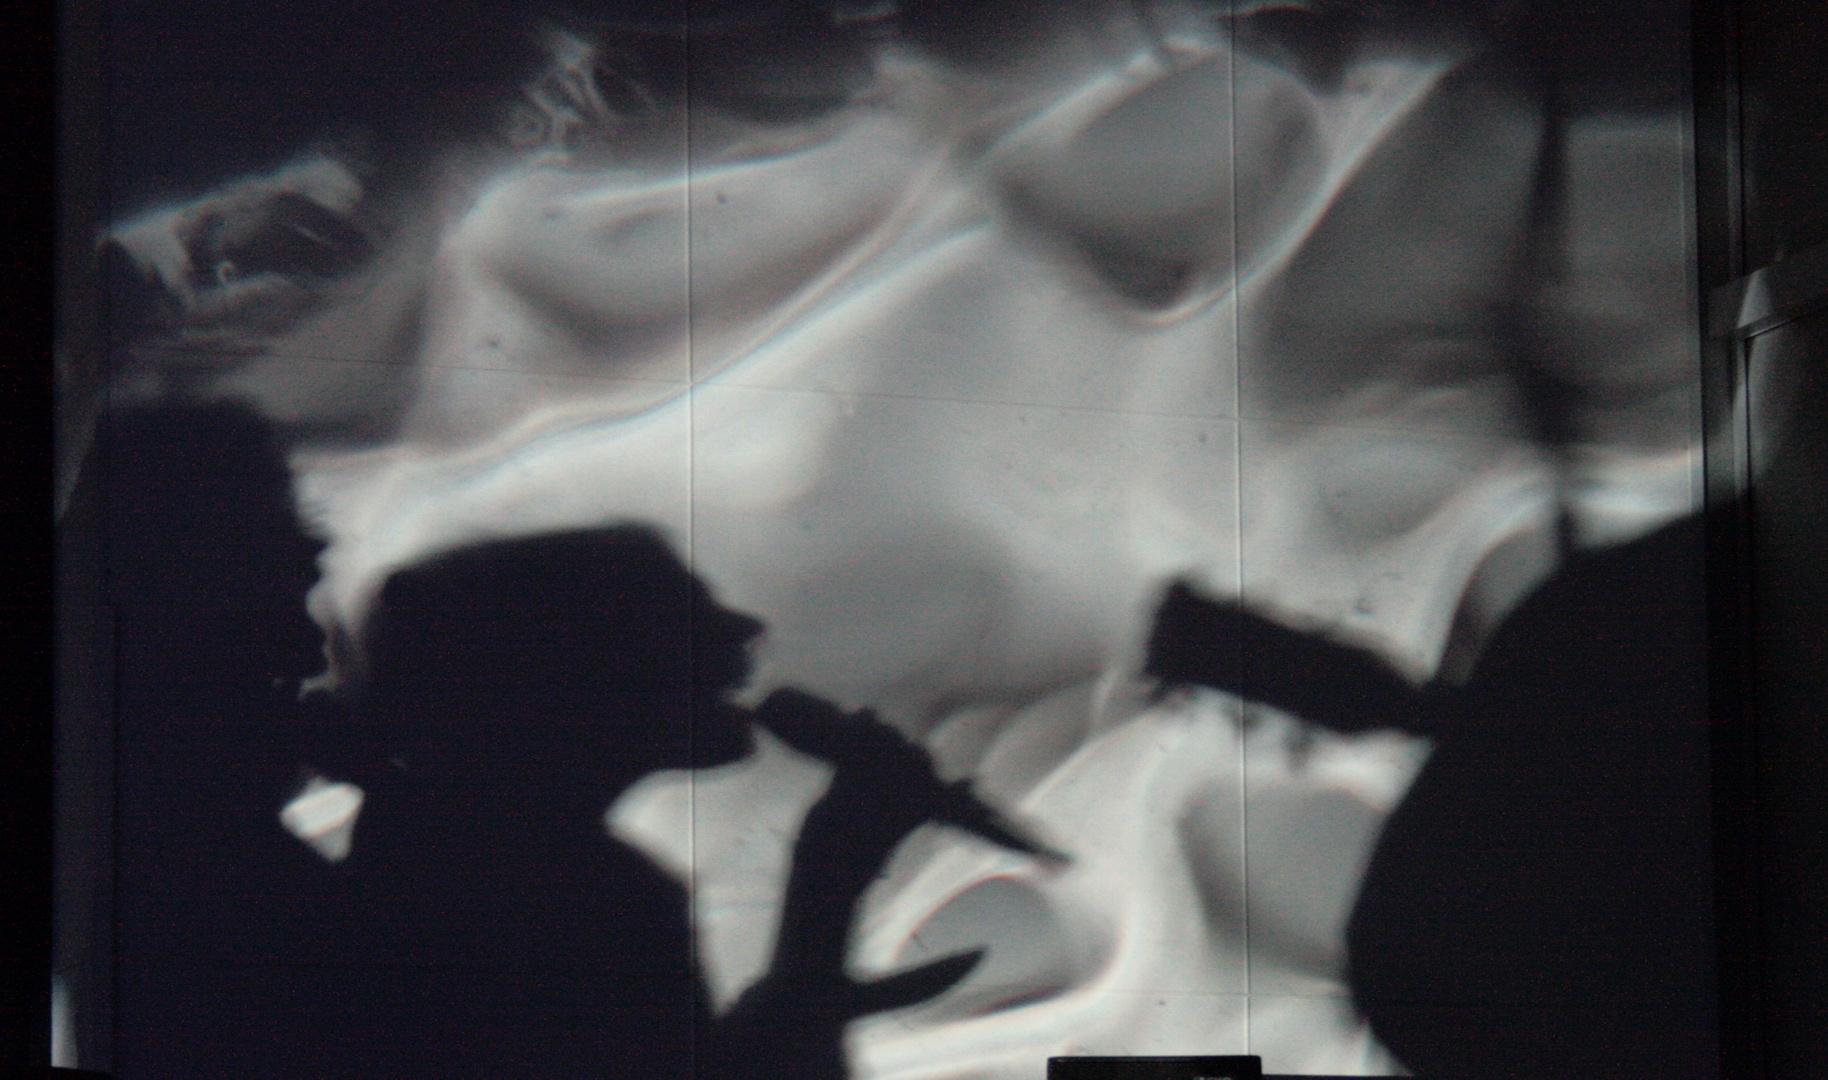 GOSPELPROJEKT RUHR, shadows